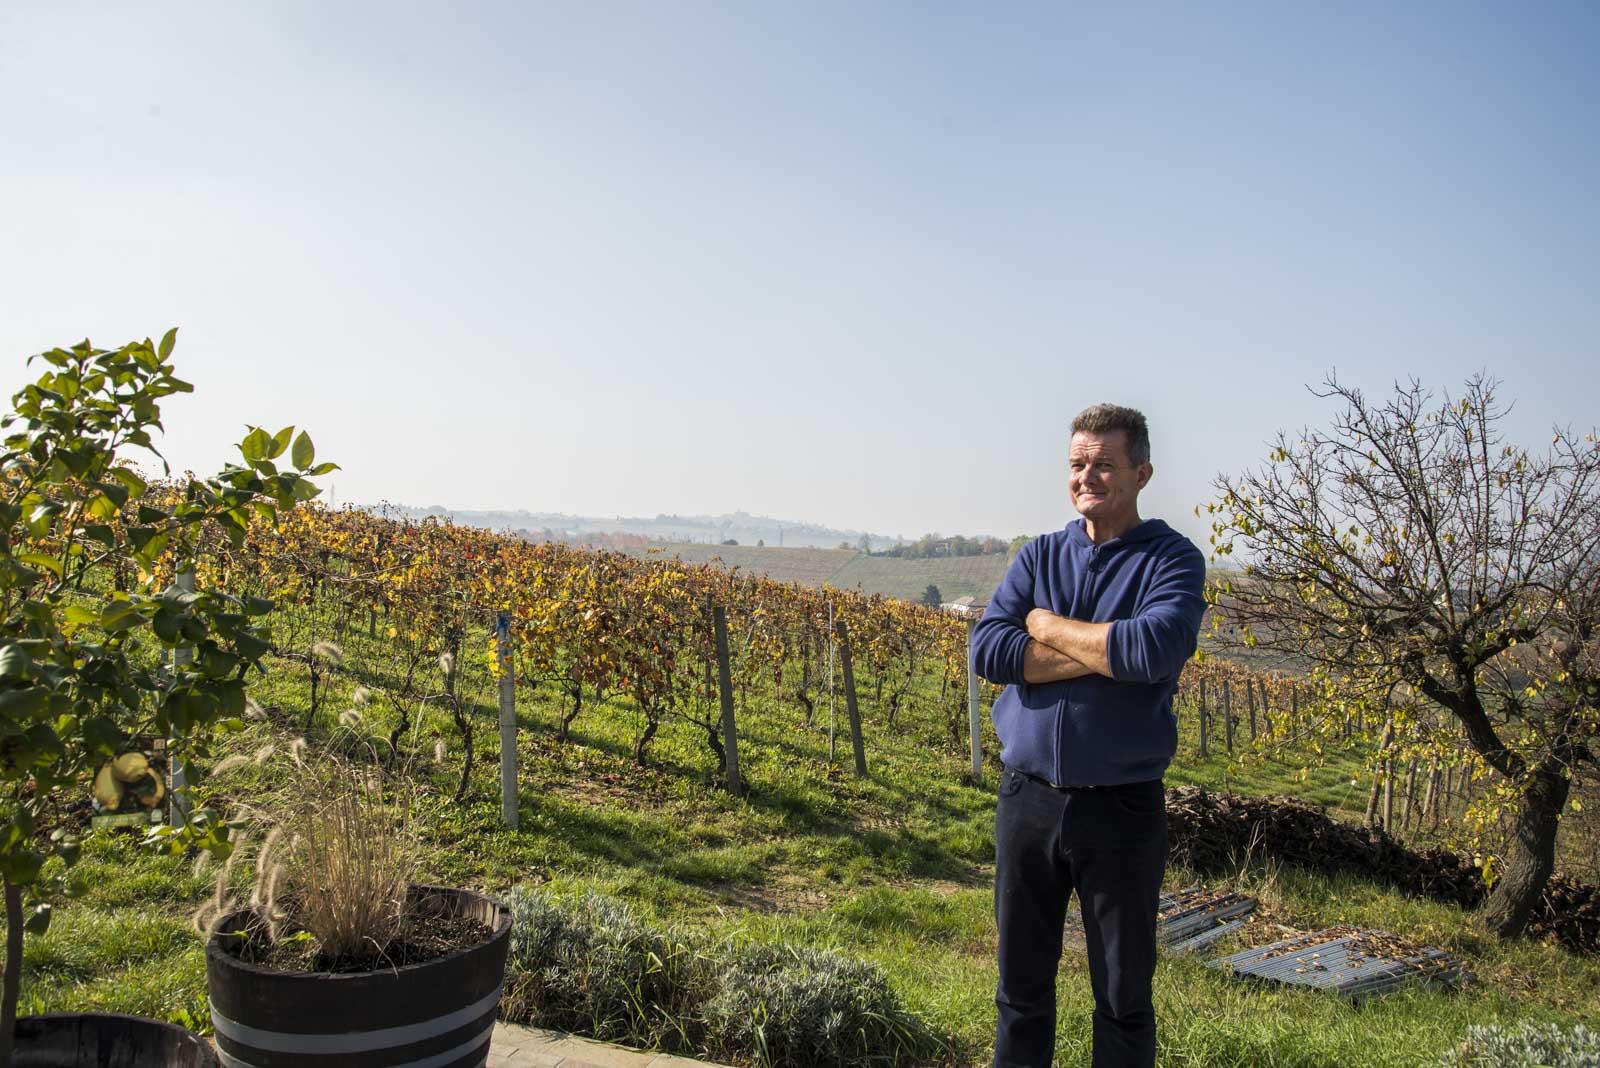 Vinbonden på Cascina Collina skuer ut over vinmarkene som han nå skal forlate til fordel for hotelldrift på åskammen i bakgrunnen